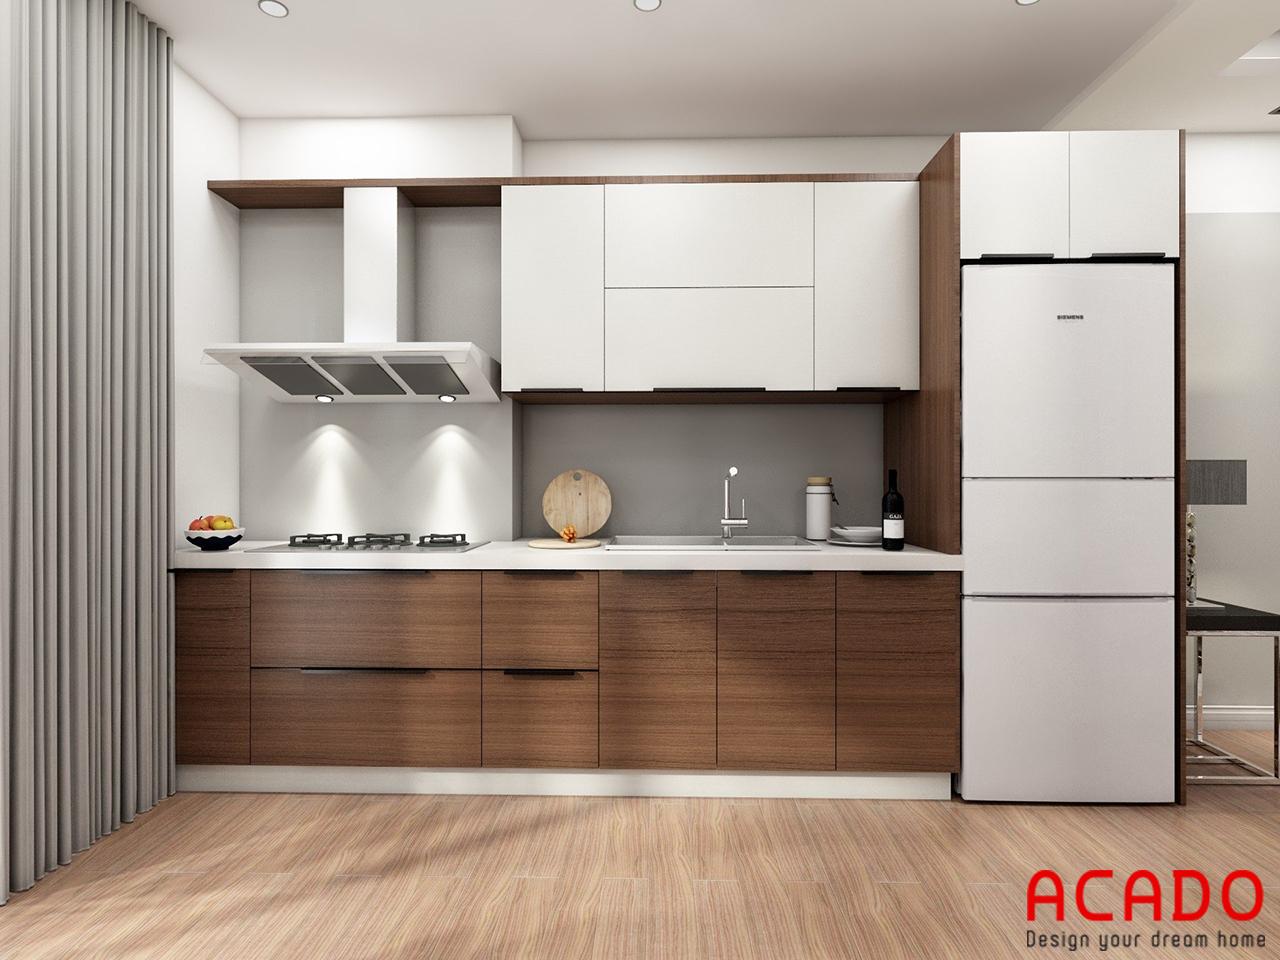 Tủ bếp thiết kế màu vân gỗ kết hợp với màu trắng hiện đại